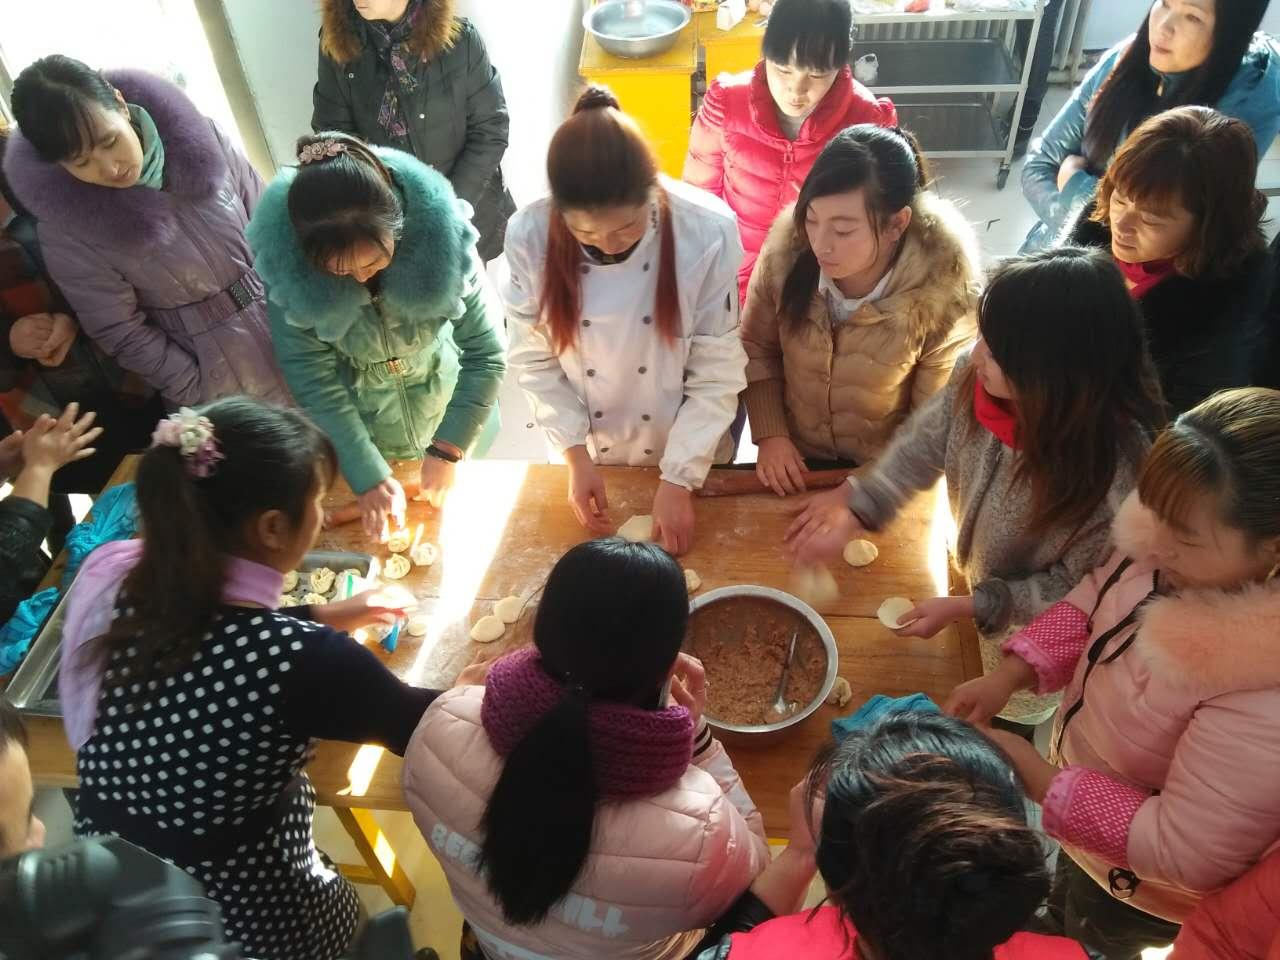 扎赉特旗巴彦扎拉嘎乡:开办中式面点培训班-内蒙古网